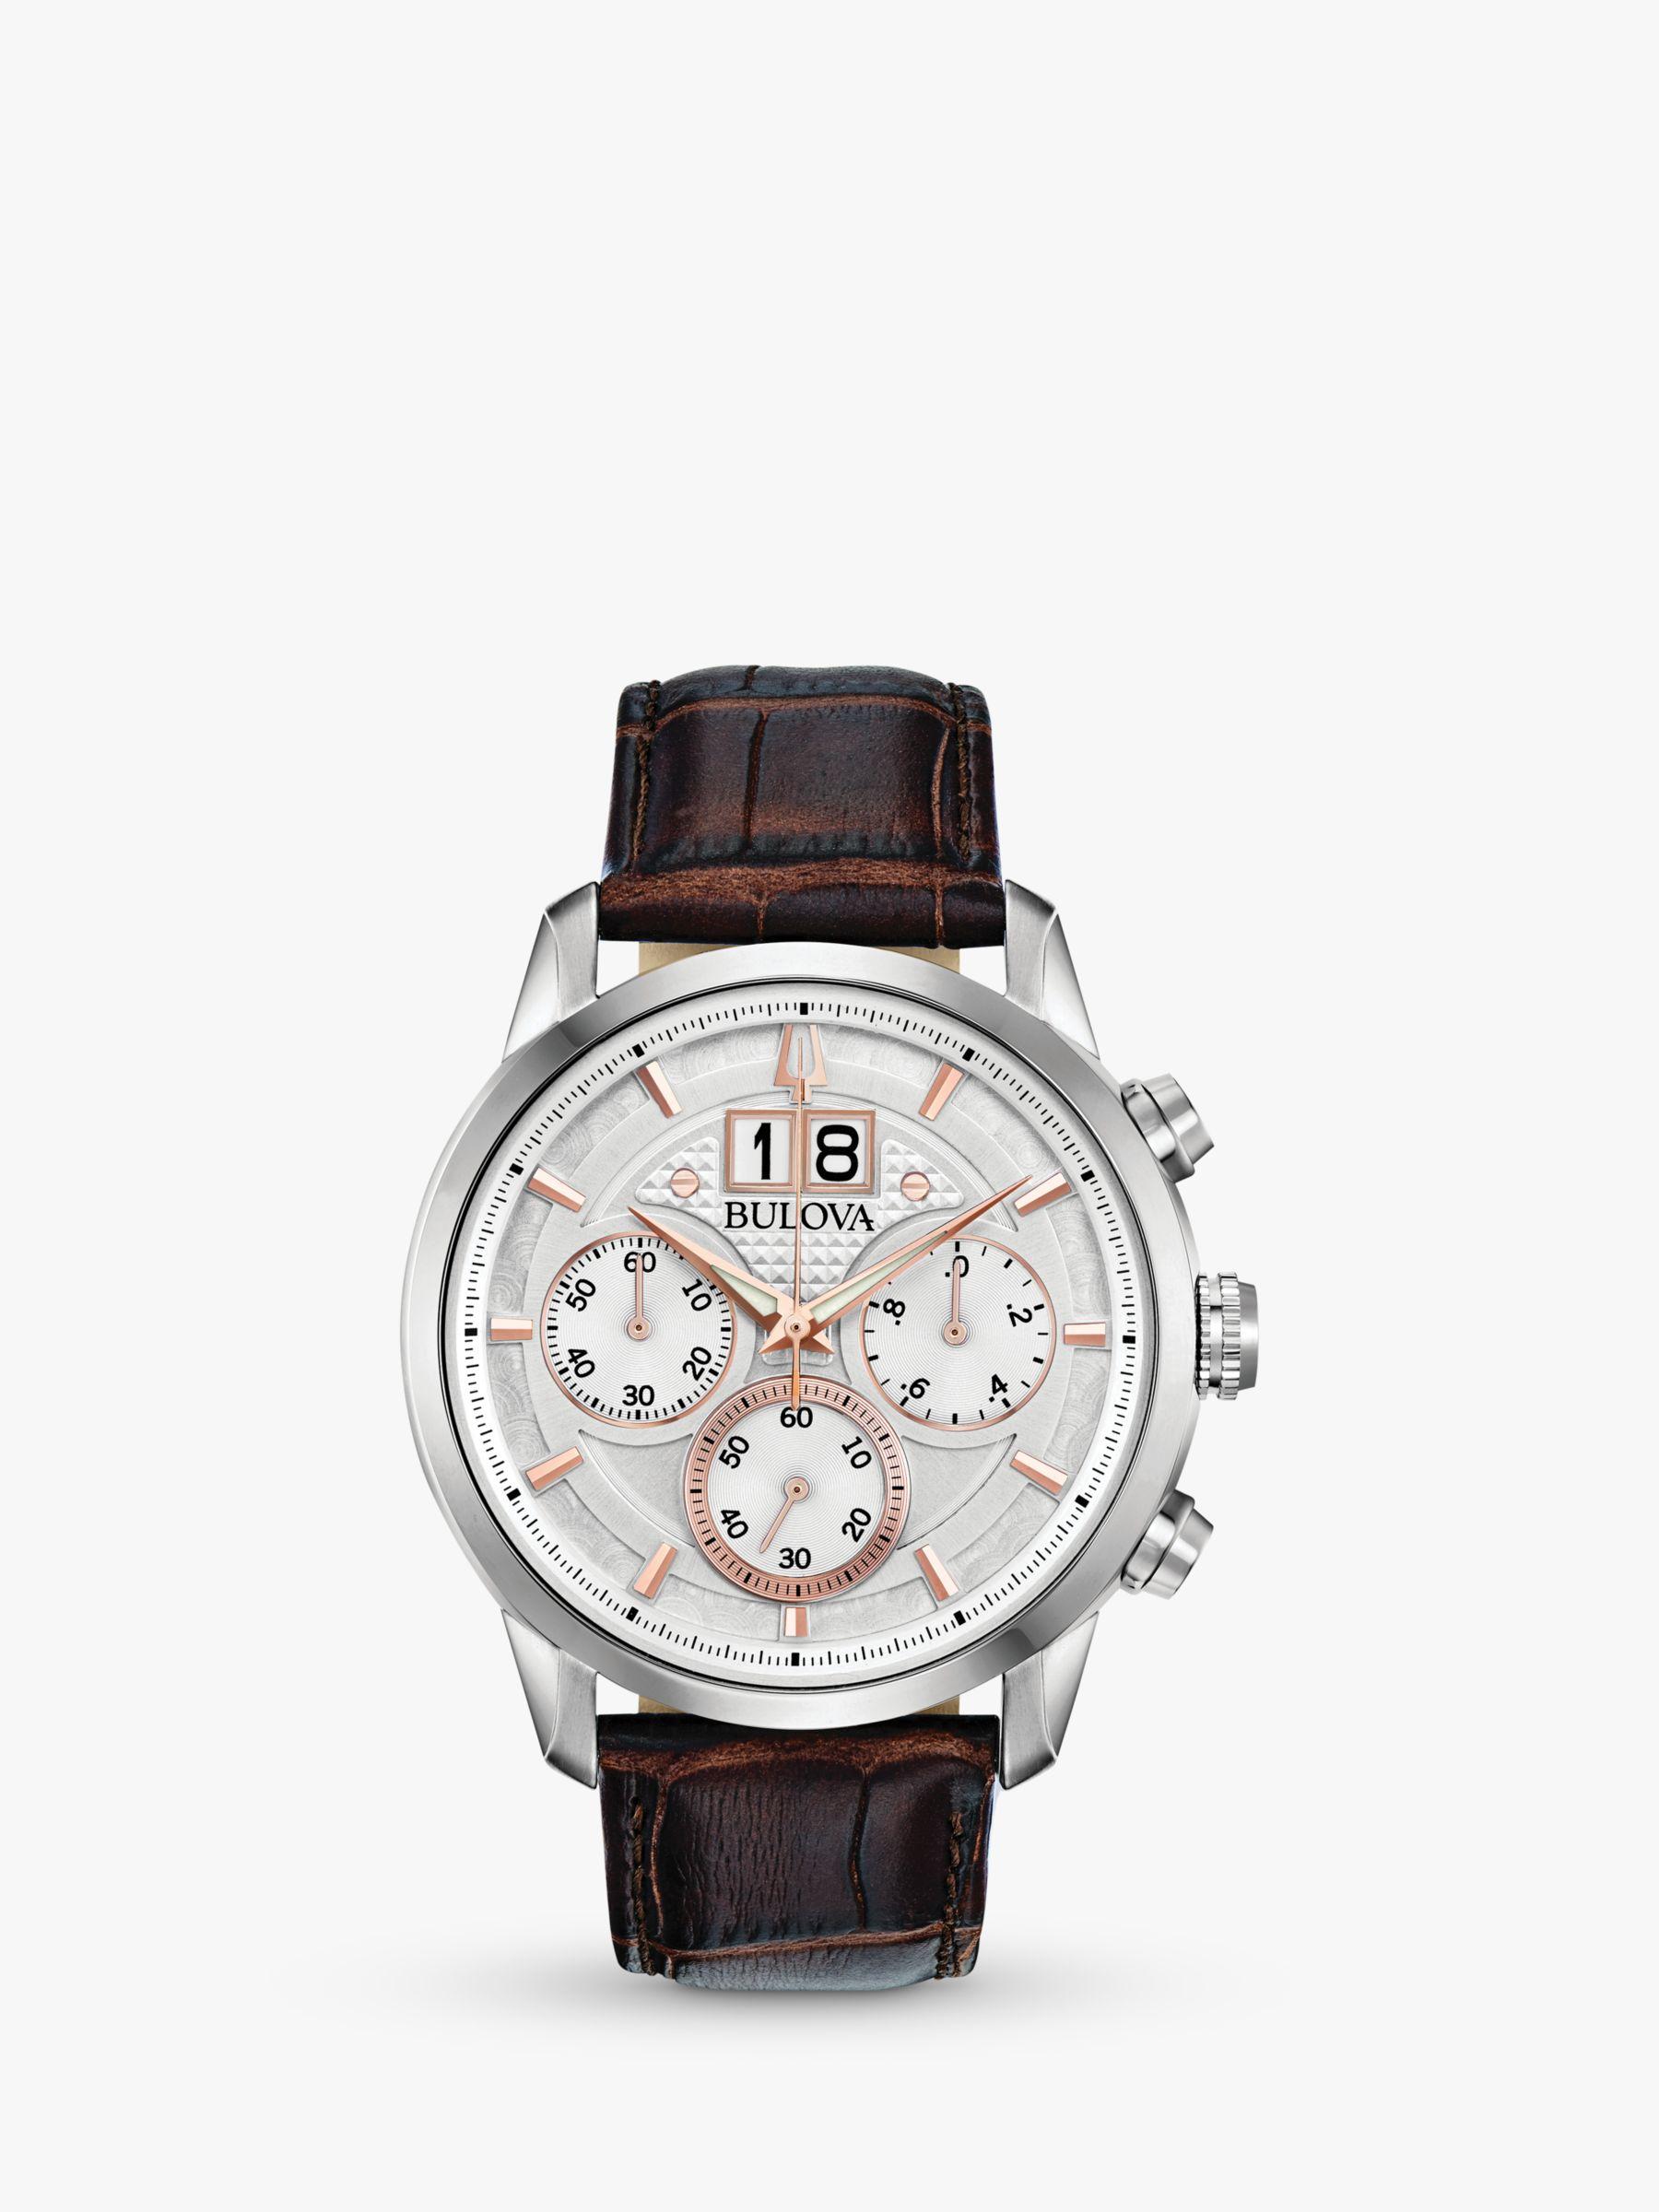 Bulova Bulova 96B309 Men's Sutton Date Chronograph Leather Strap Watch, Brown/Silver